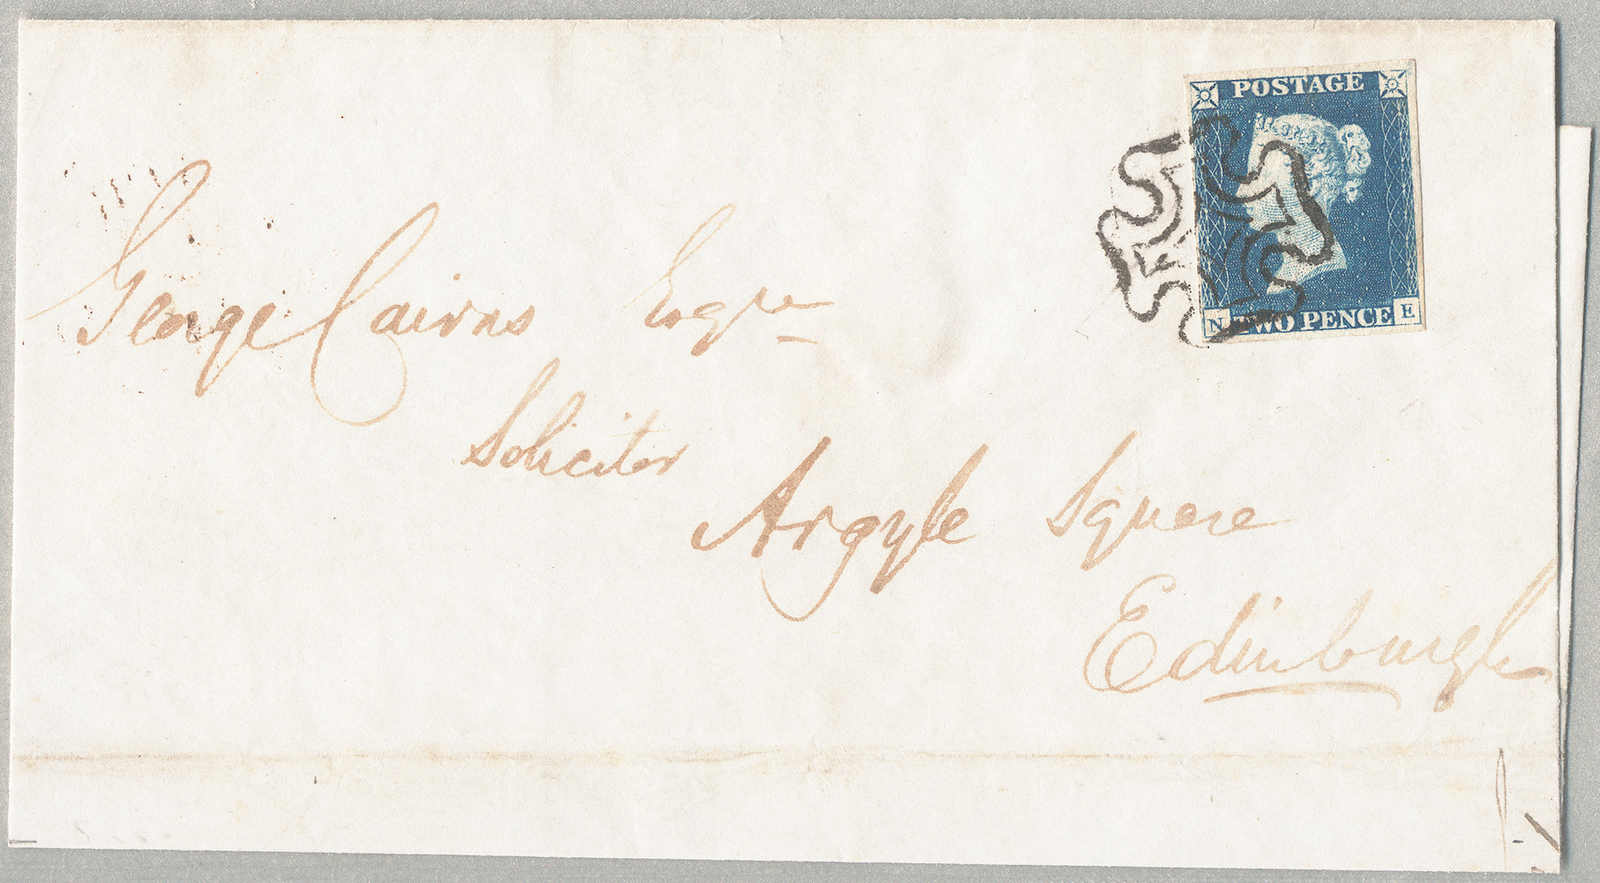 Lot 30181 - europa Grossbritannien 1840 2d blau -  classicphil GmbH 6'th classicphil Auction - Day 2